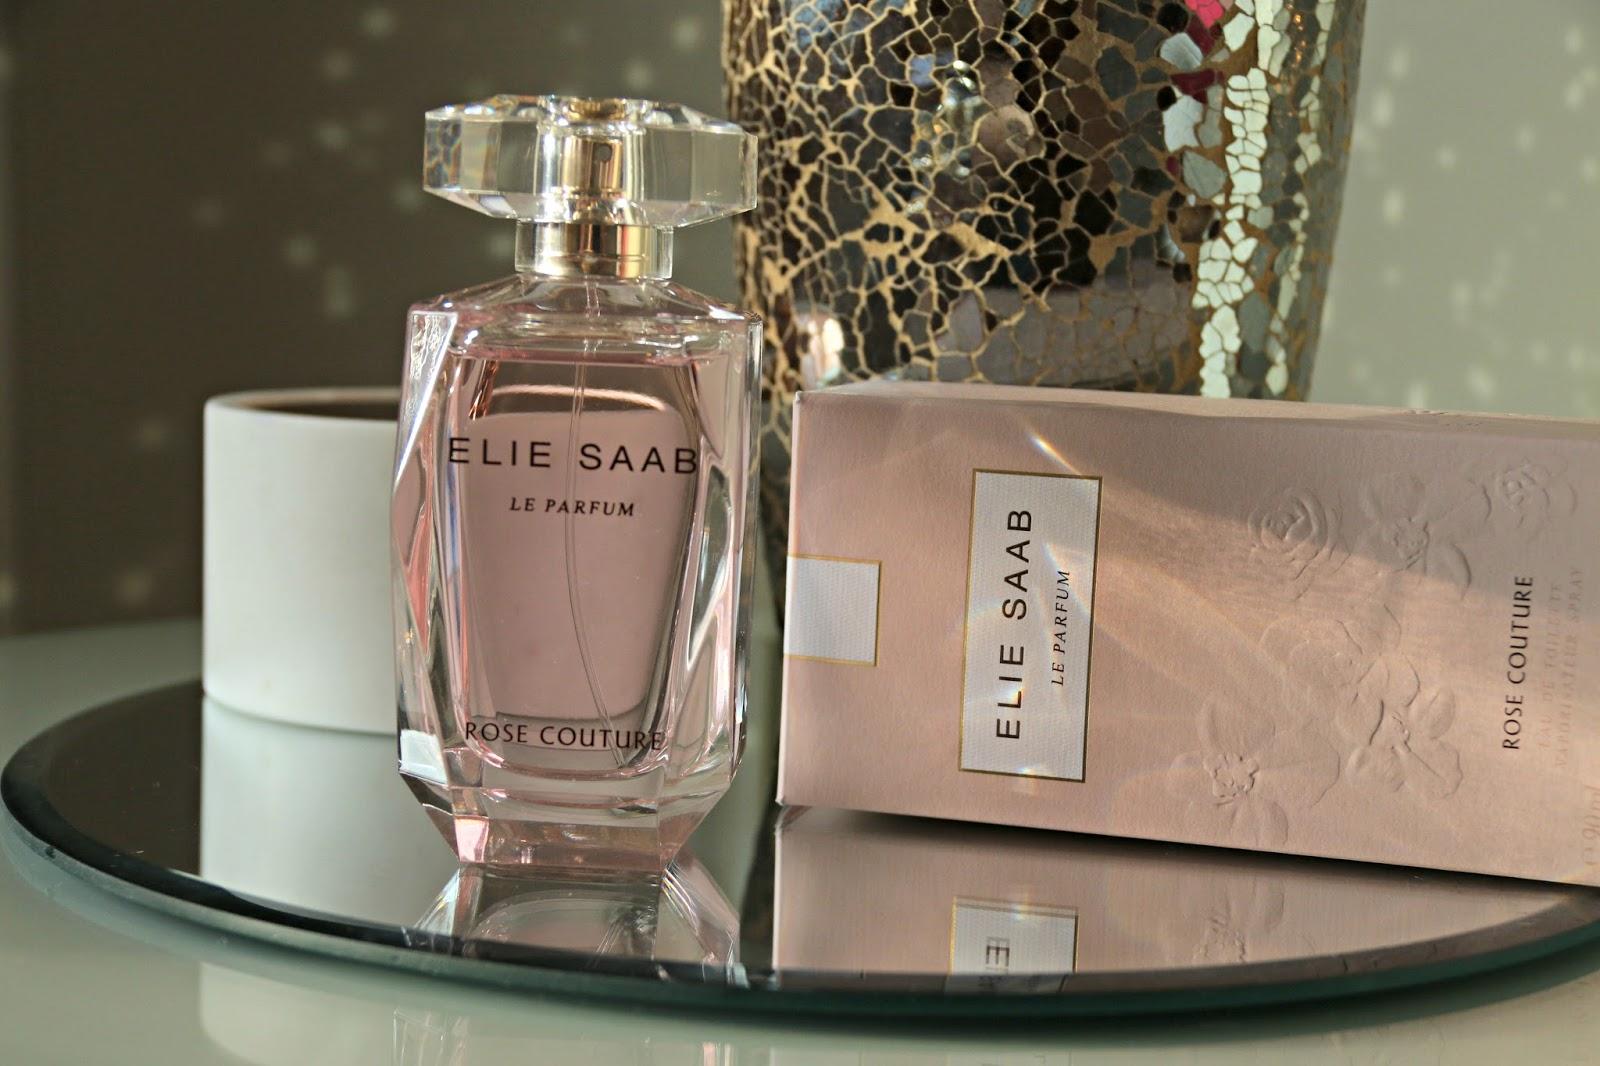 Elie Saab Le Parfum Rose Couture Fragrance Review Image